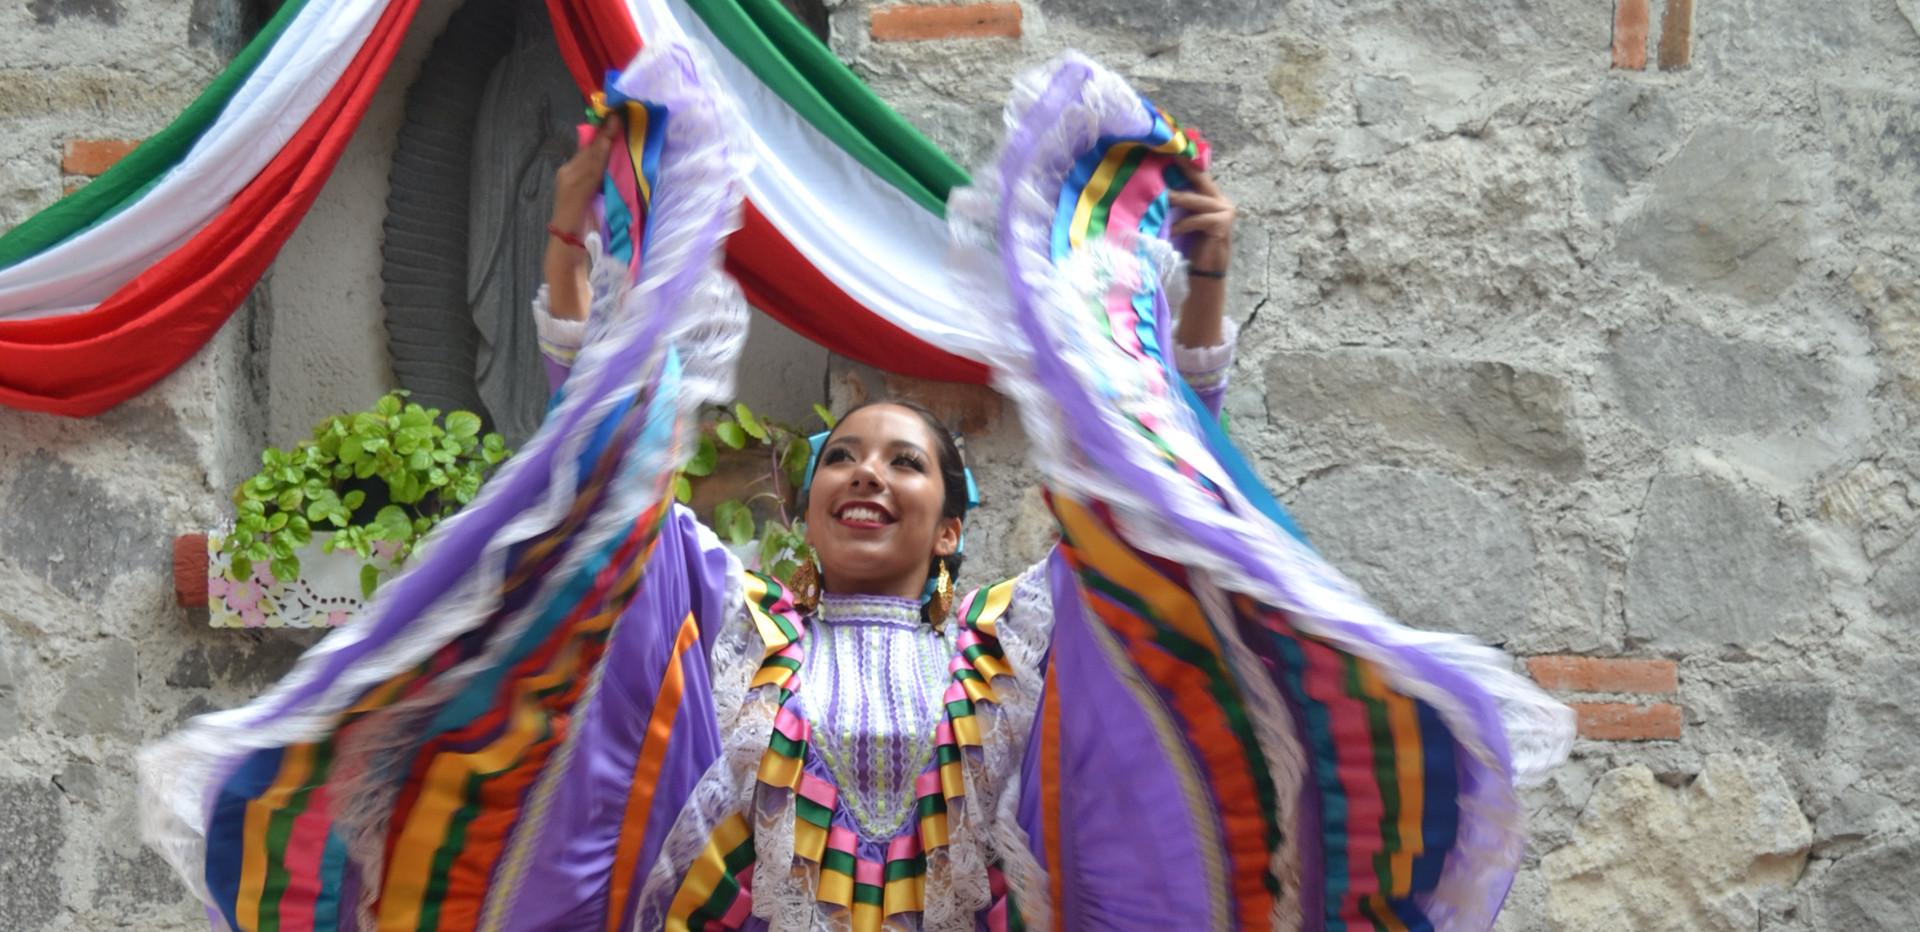 PRESENTACIÓN DEL GRUPO DE DANZA FOLKLÓRICA EN EL 209 ANIVERSARIO DE LA INDEPENDENCIA DE MÉXICO